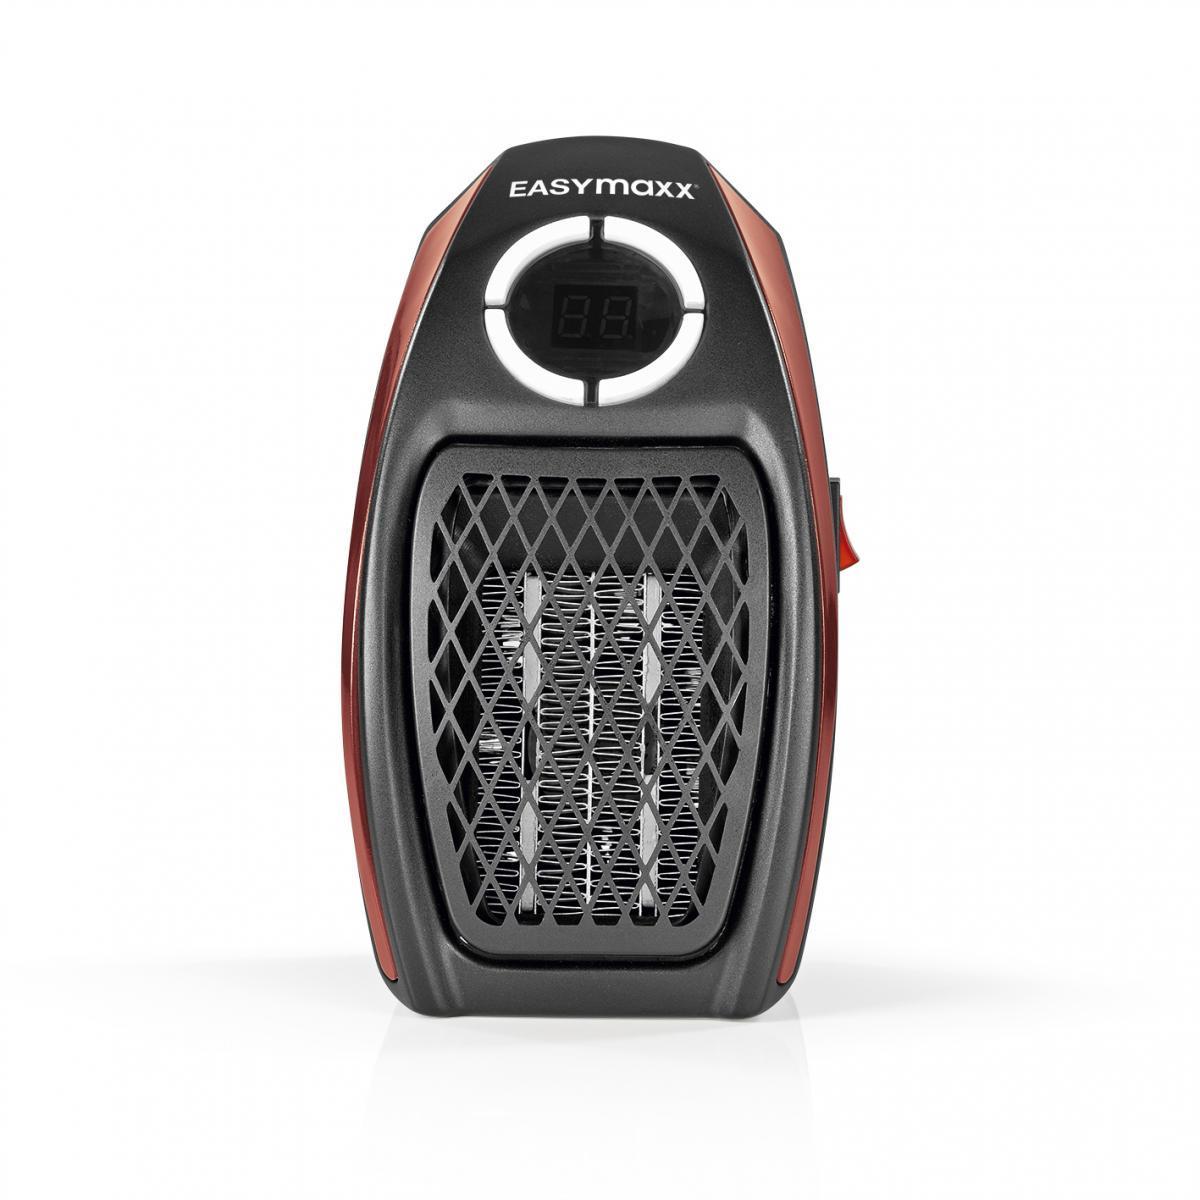 Bild 5 von EASYmaxx Mini-Heizung 500W schwarz/rot